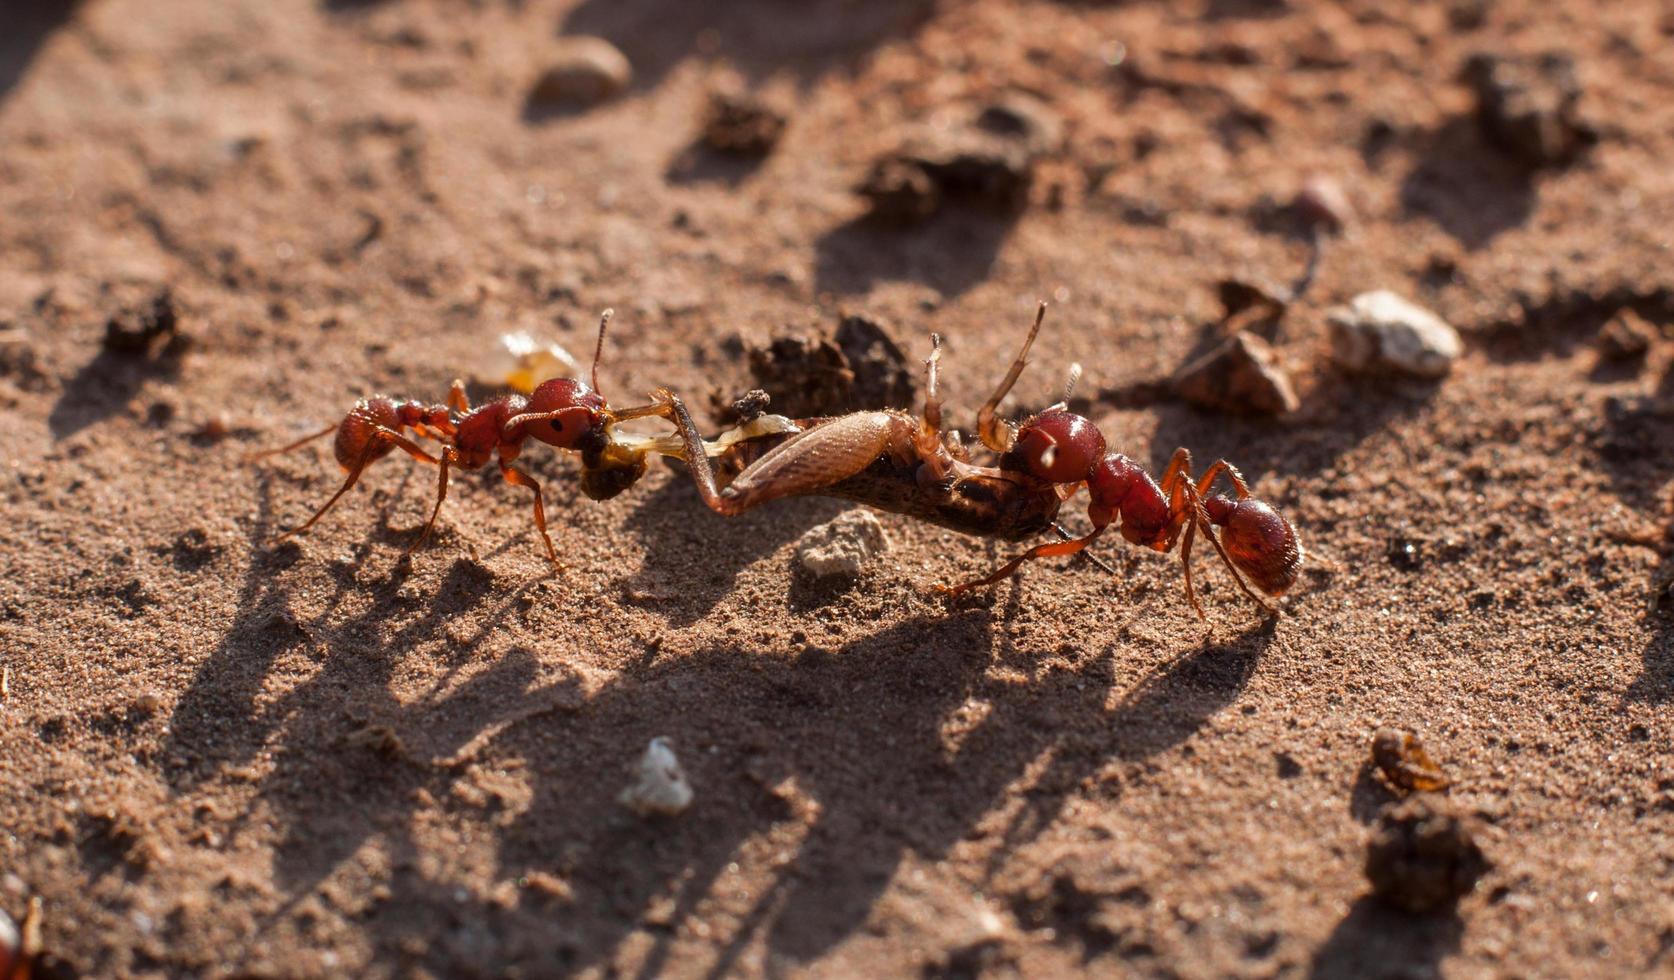 fourmis en mouvement sauterelle photo